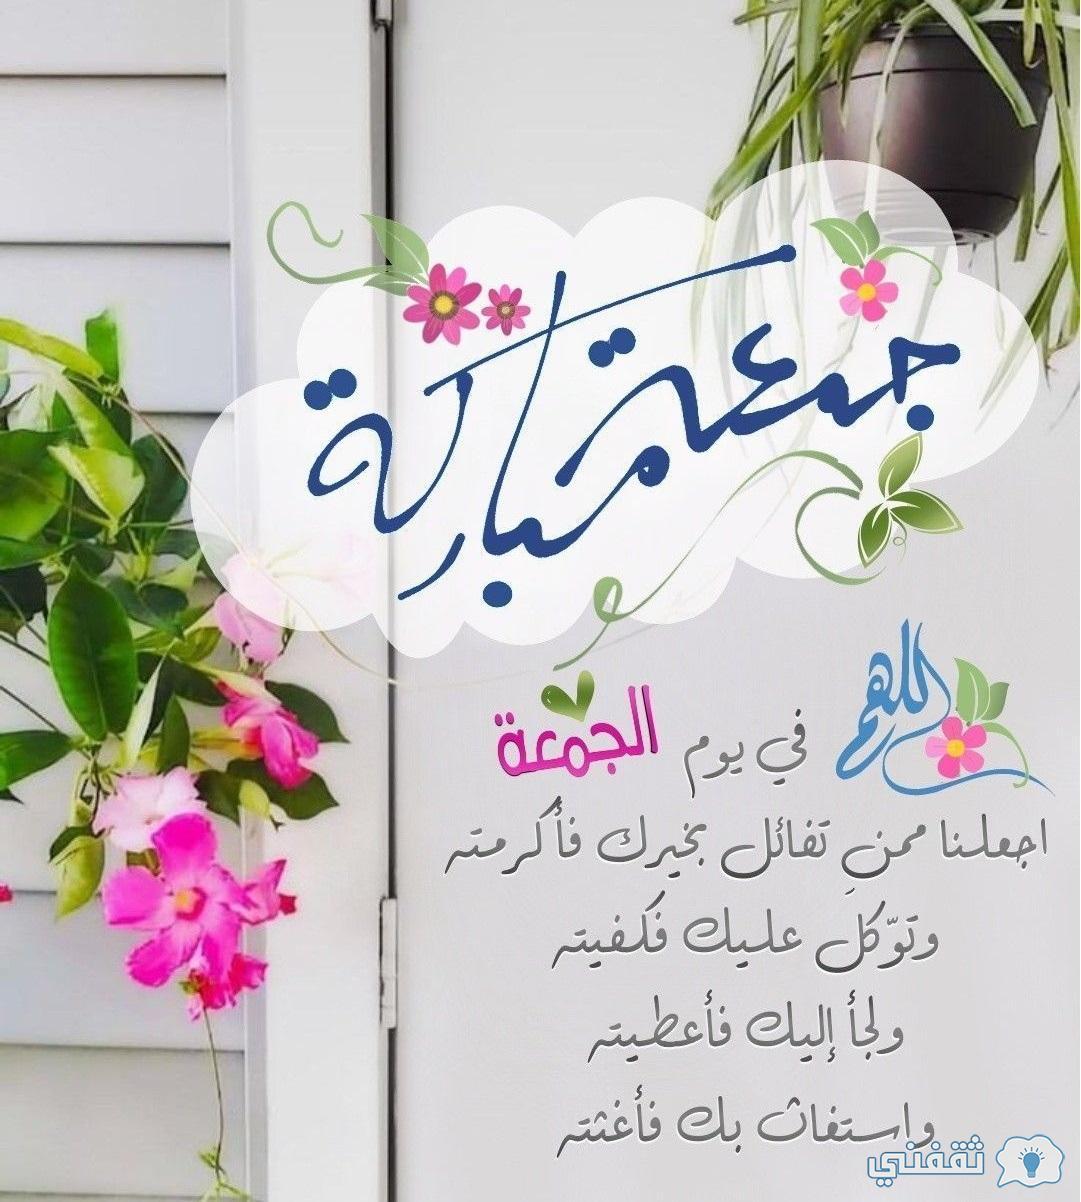 جمعة مباركة(1)